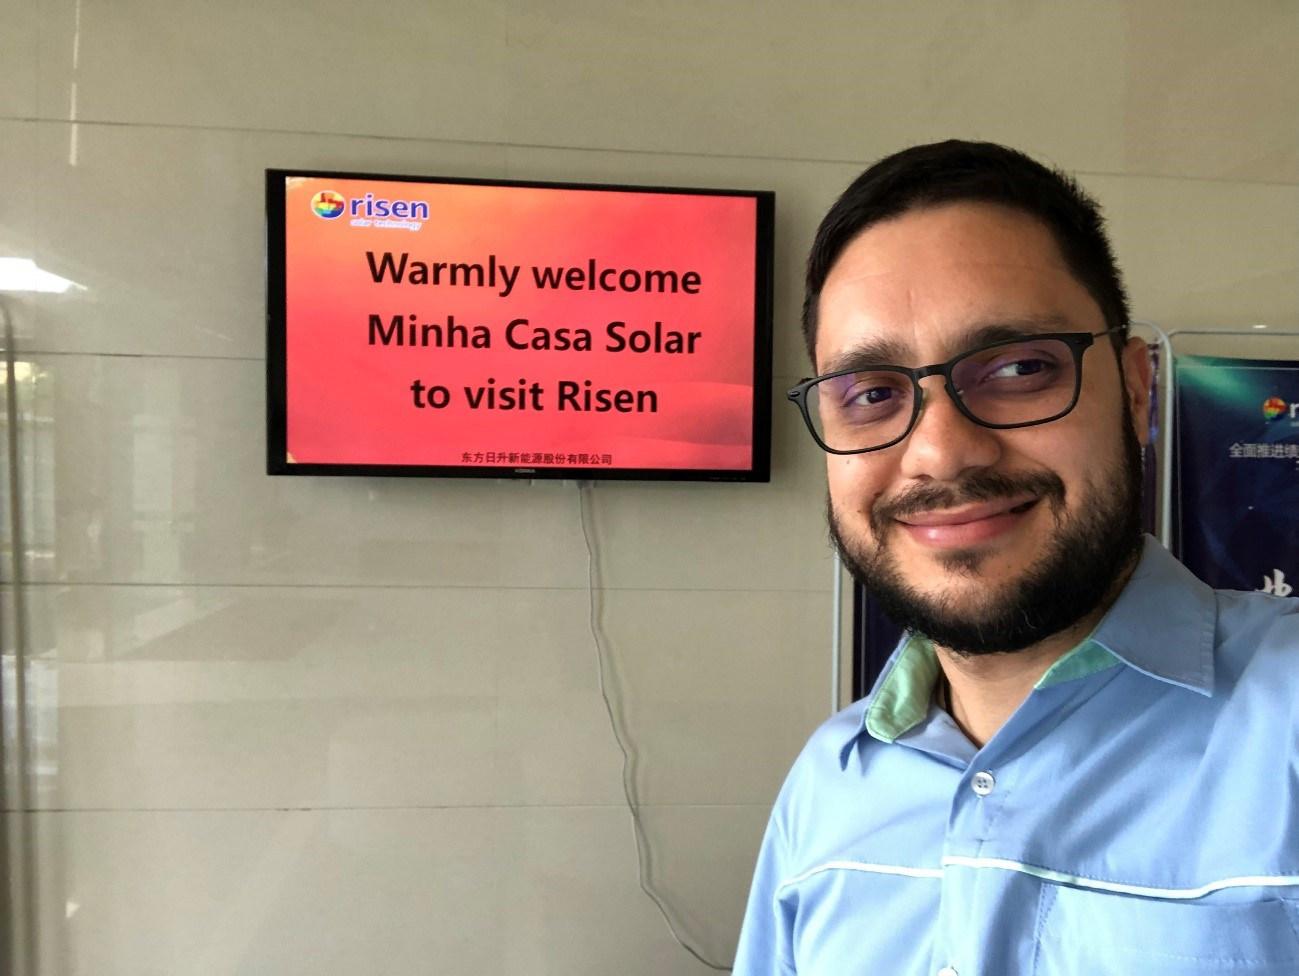 visita da Minha Casa Solar na Risen